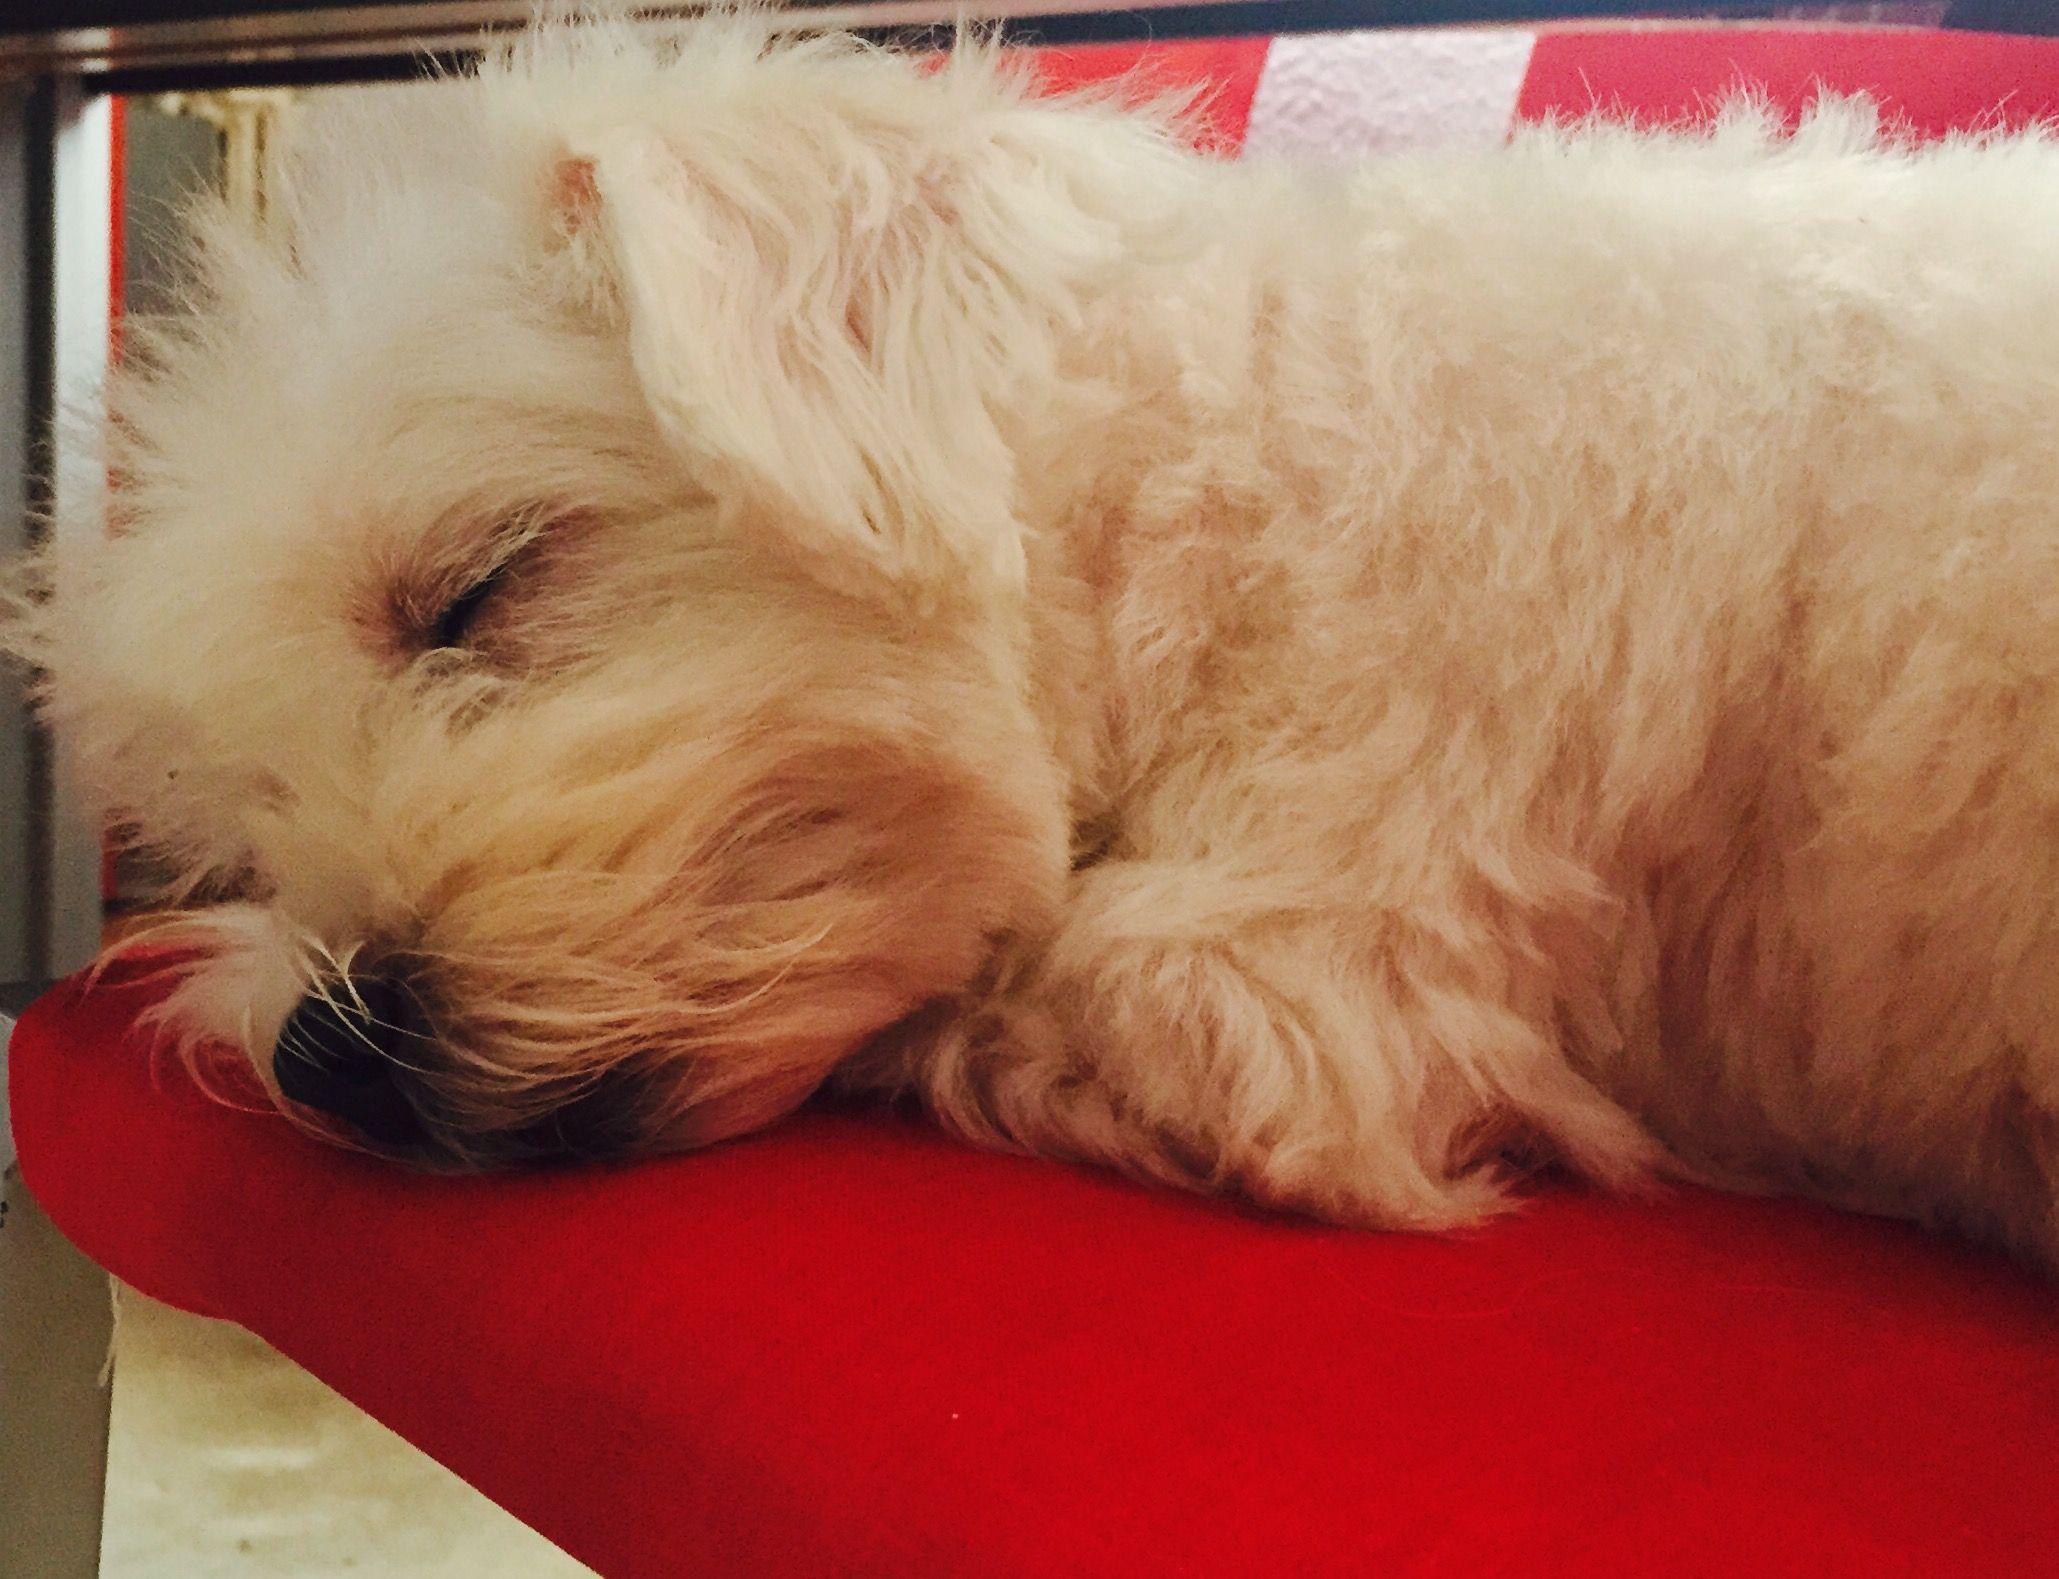 Durmiendo plácidamente!!!!